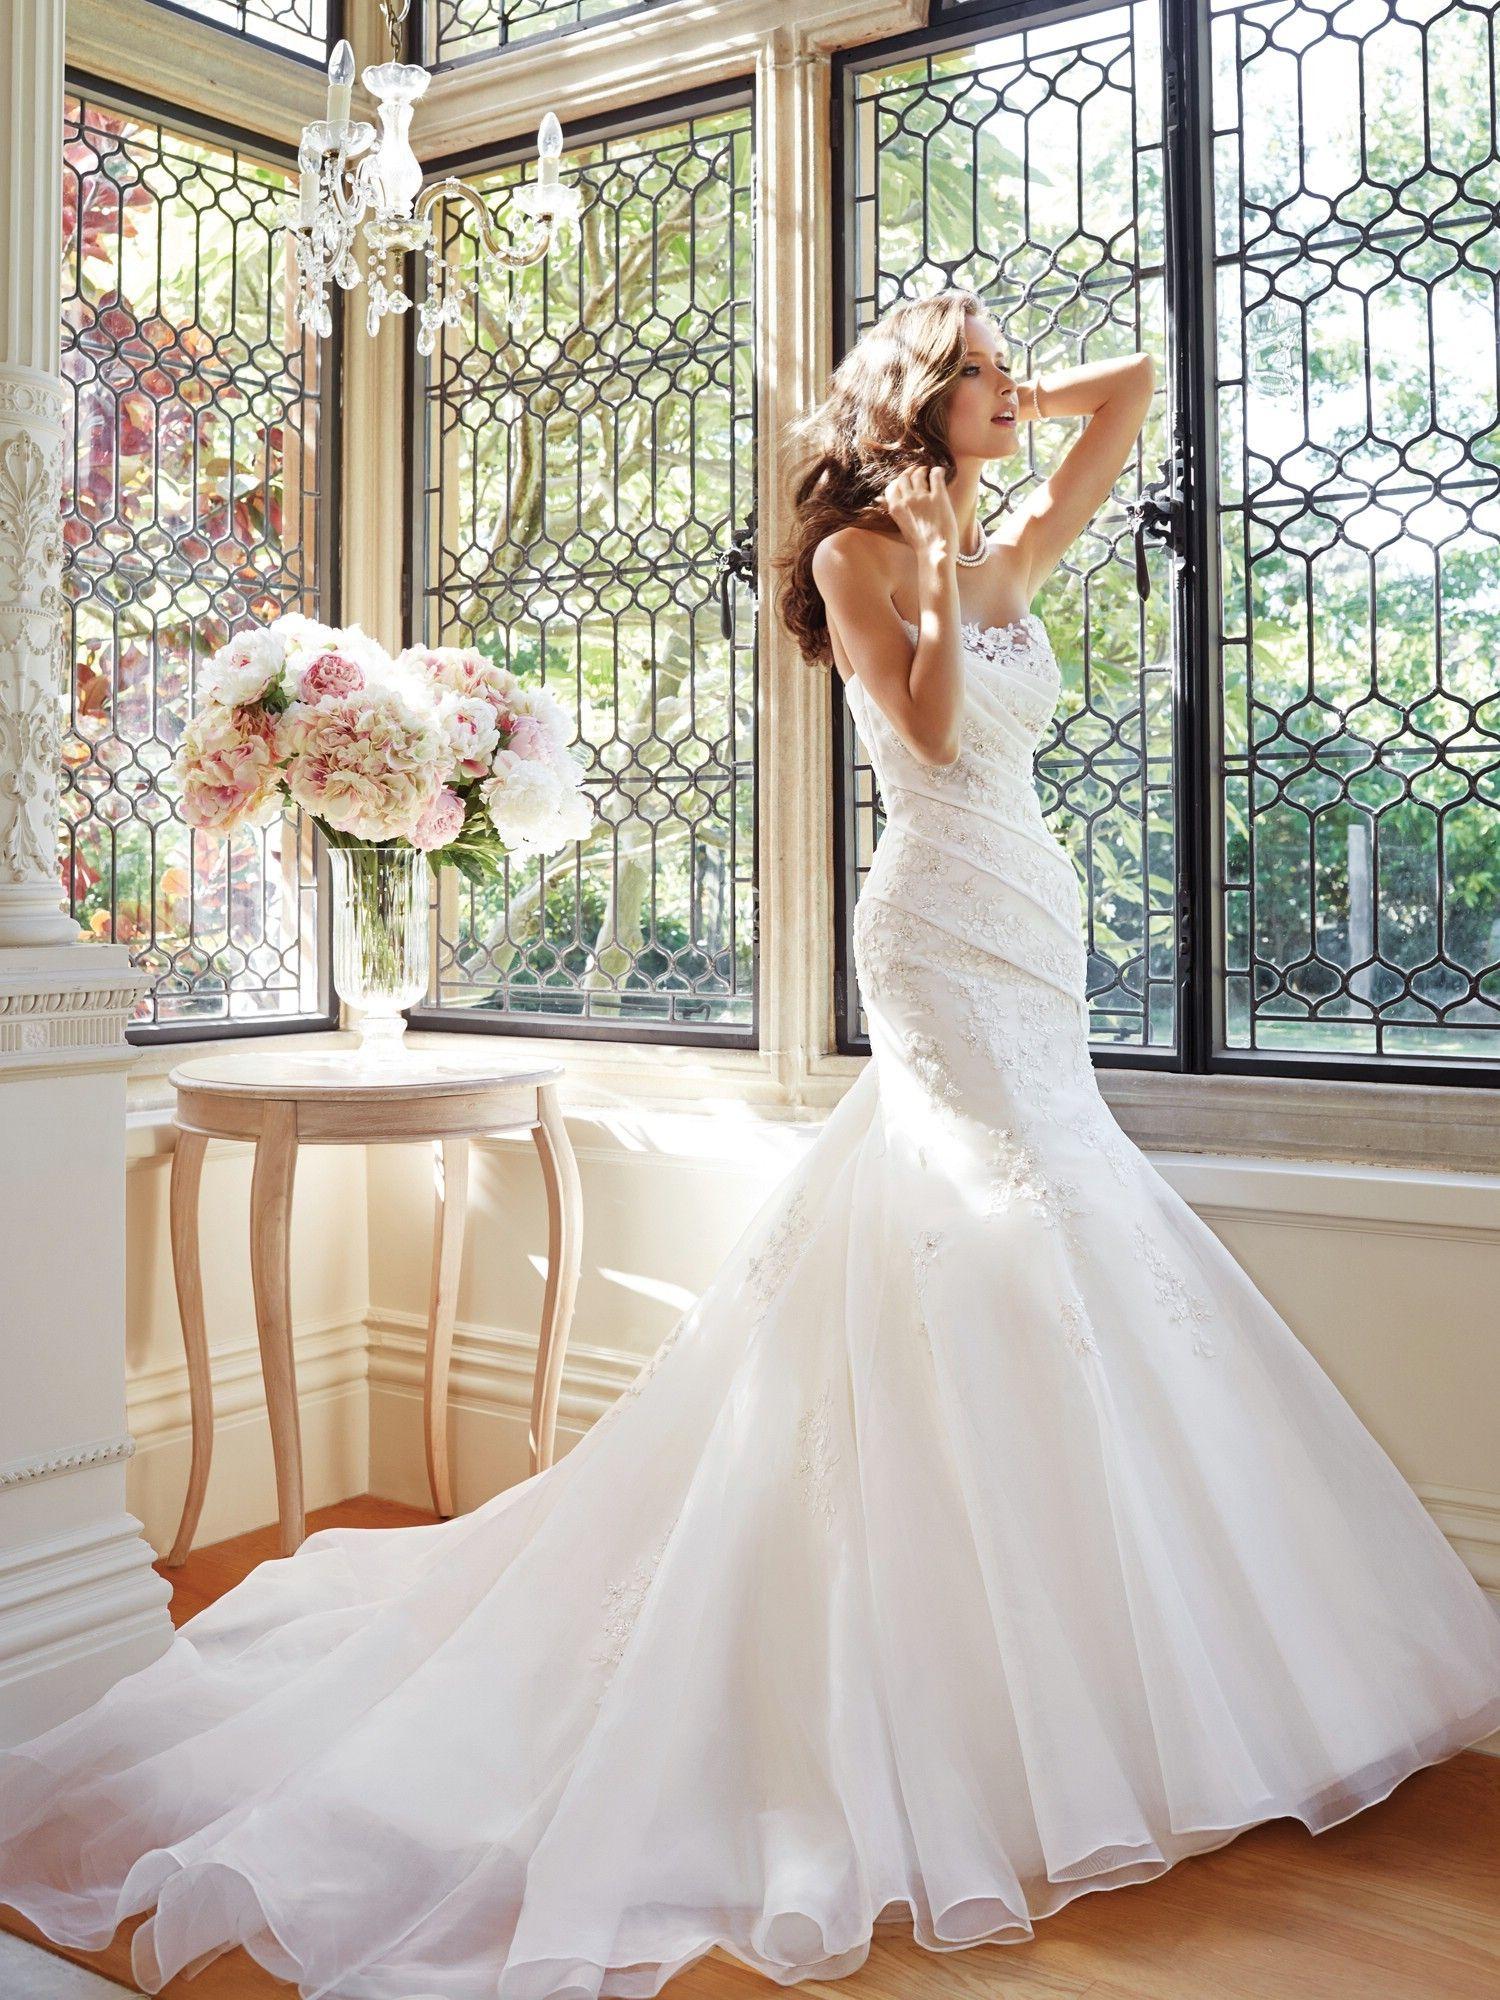 Sophia tolli wedding dresses style marsha y marsha